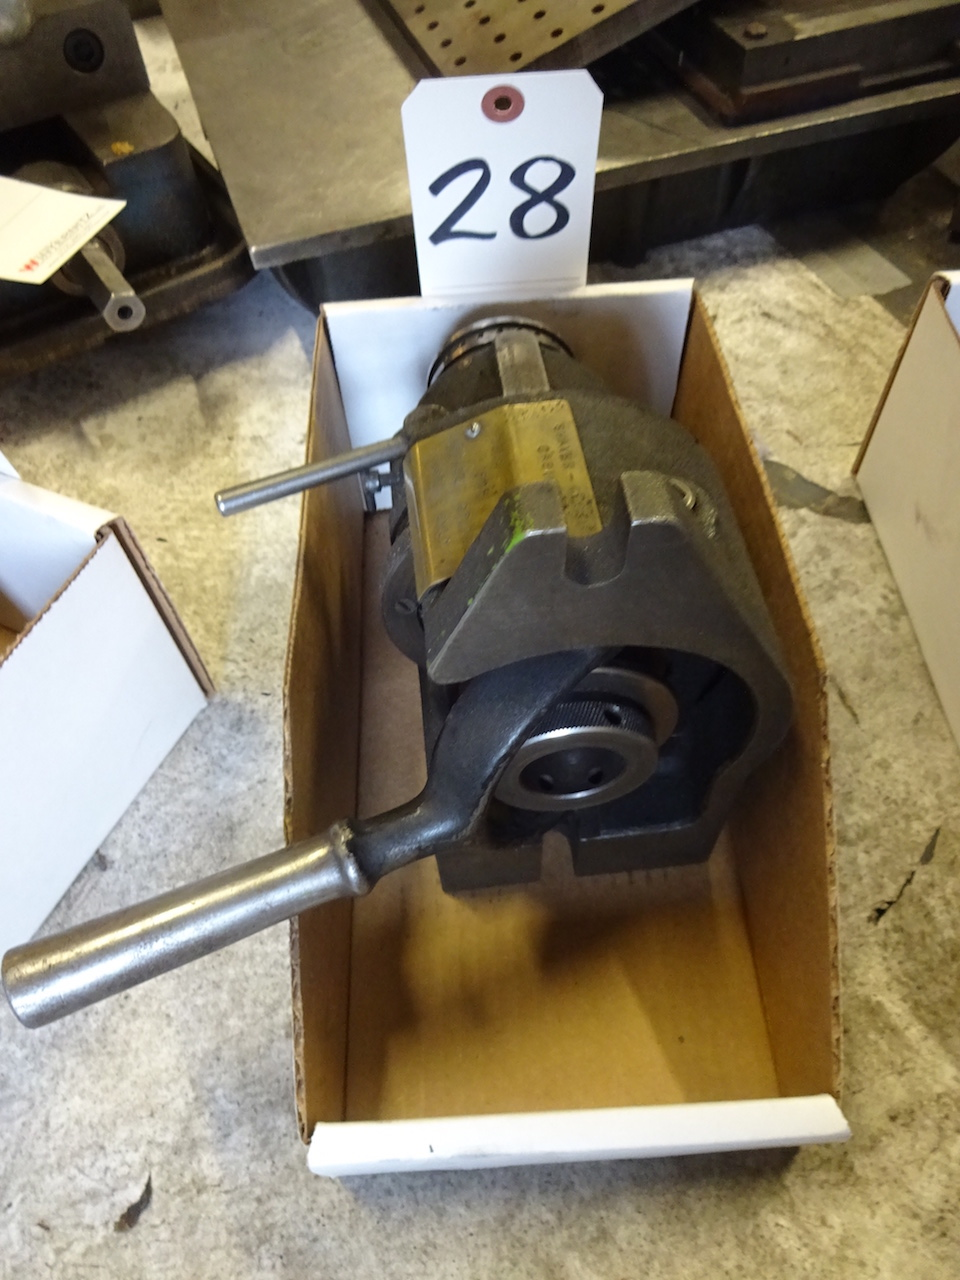 Lot 28 - Hardinge Model HV-4 5C Collet Fixture